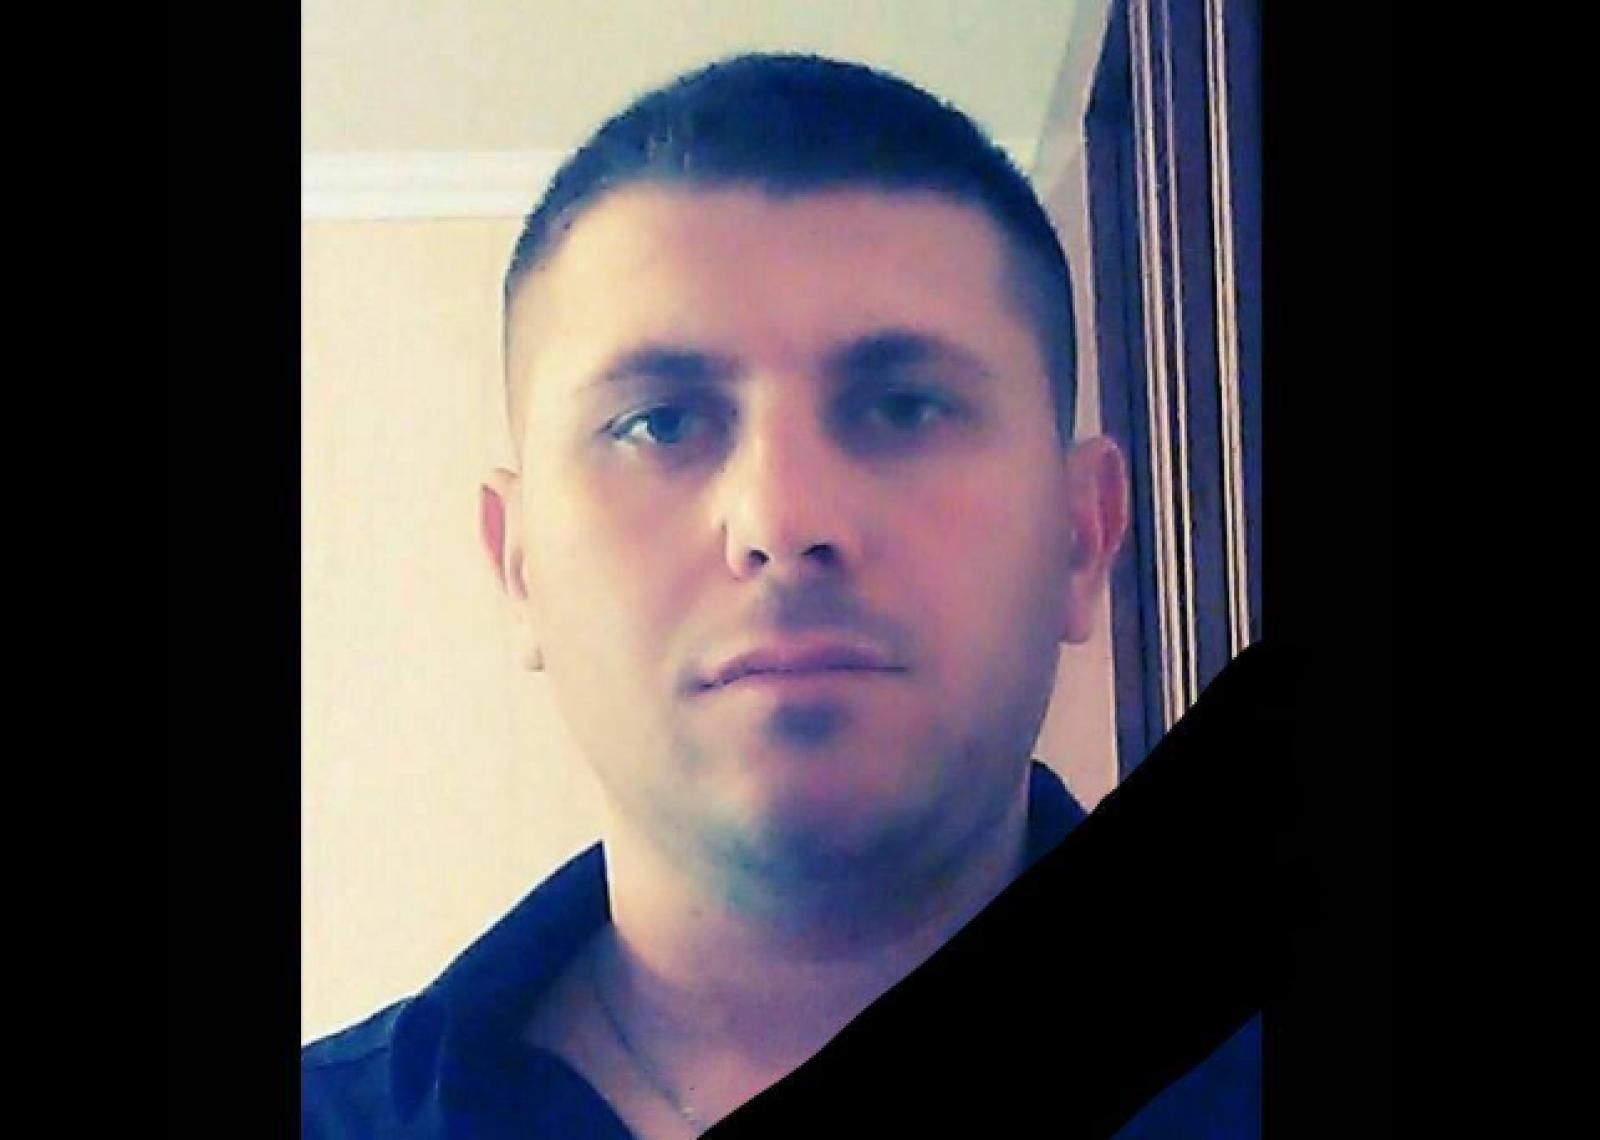 Cazul tânărului ucis în bătăi de luptătorii K1: Cel de-al treilea suspect implicat în această crimă a fugit din țară